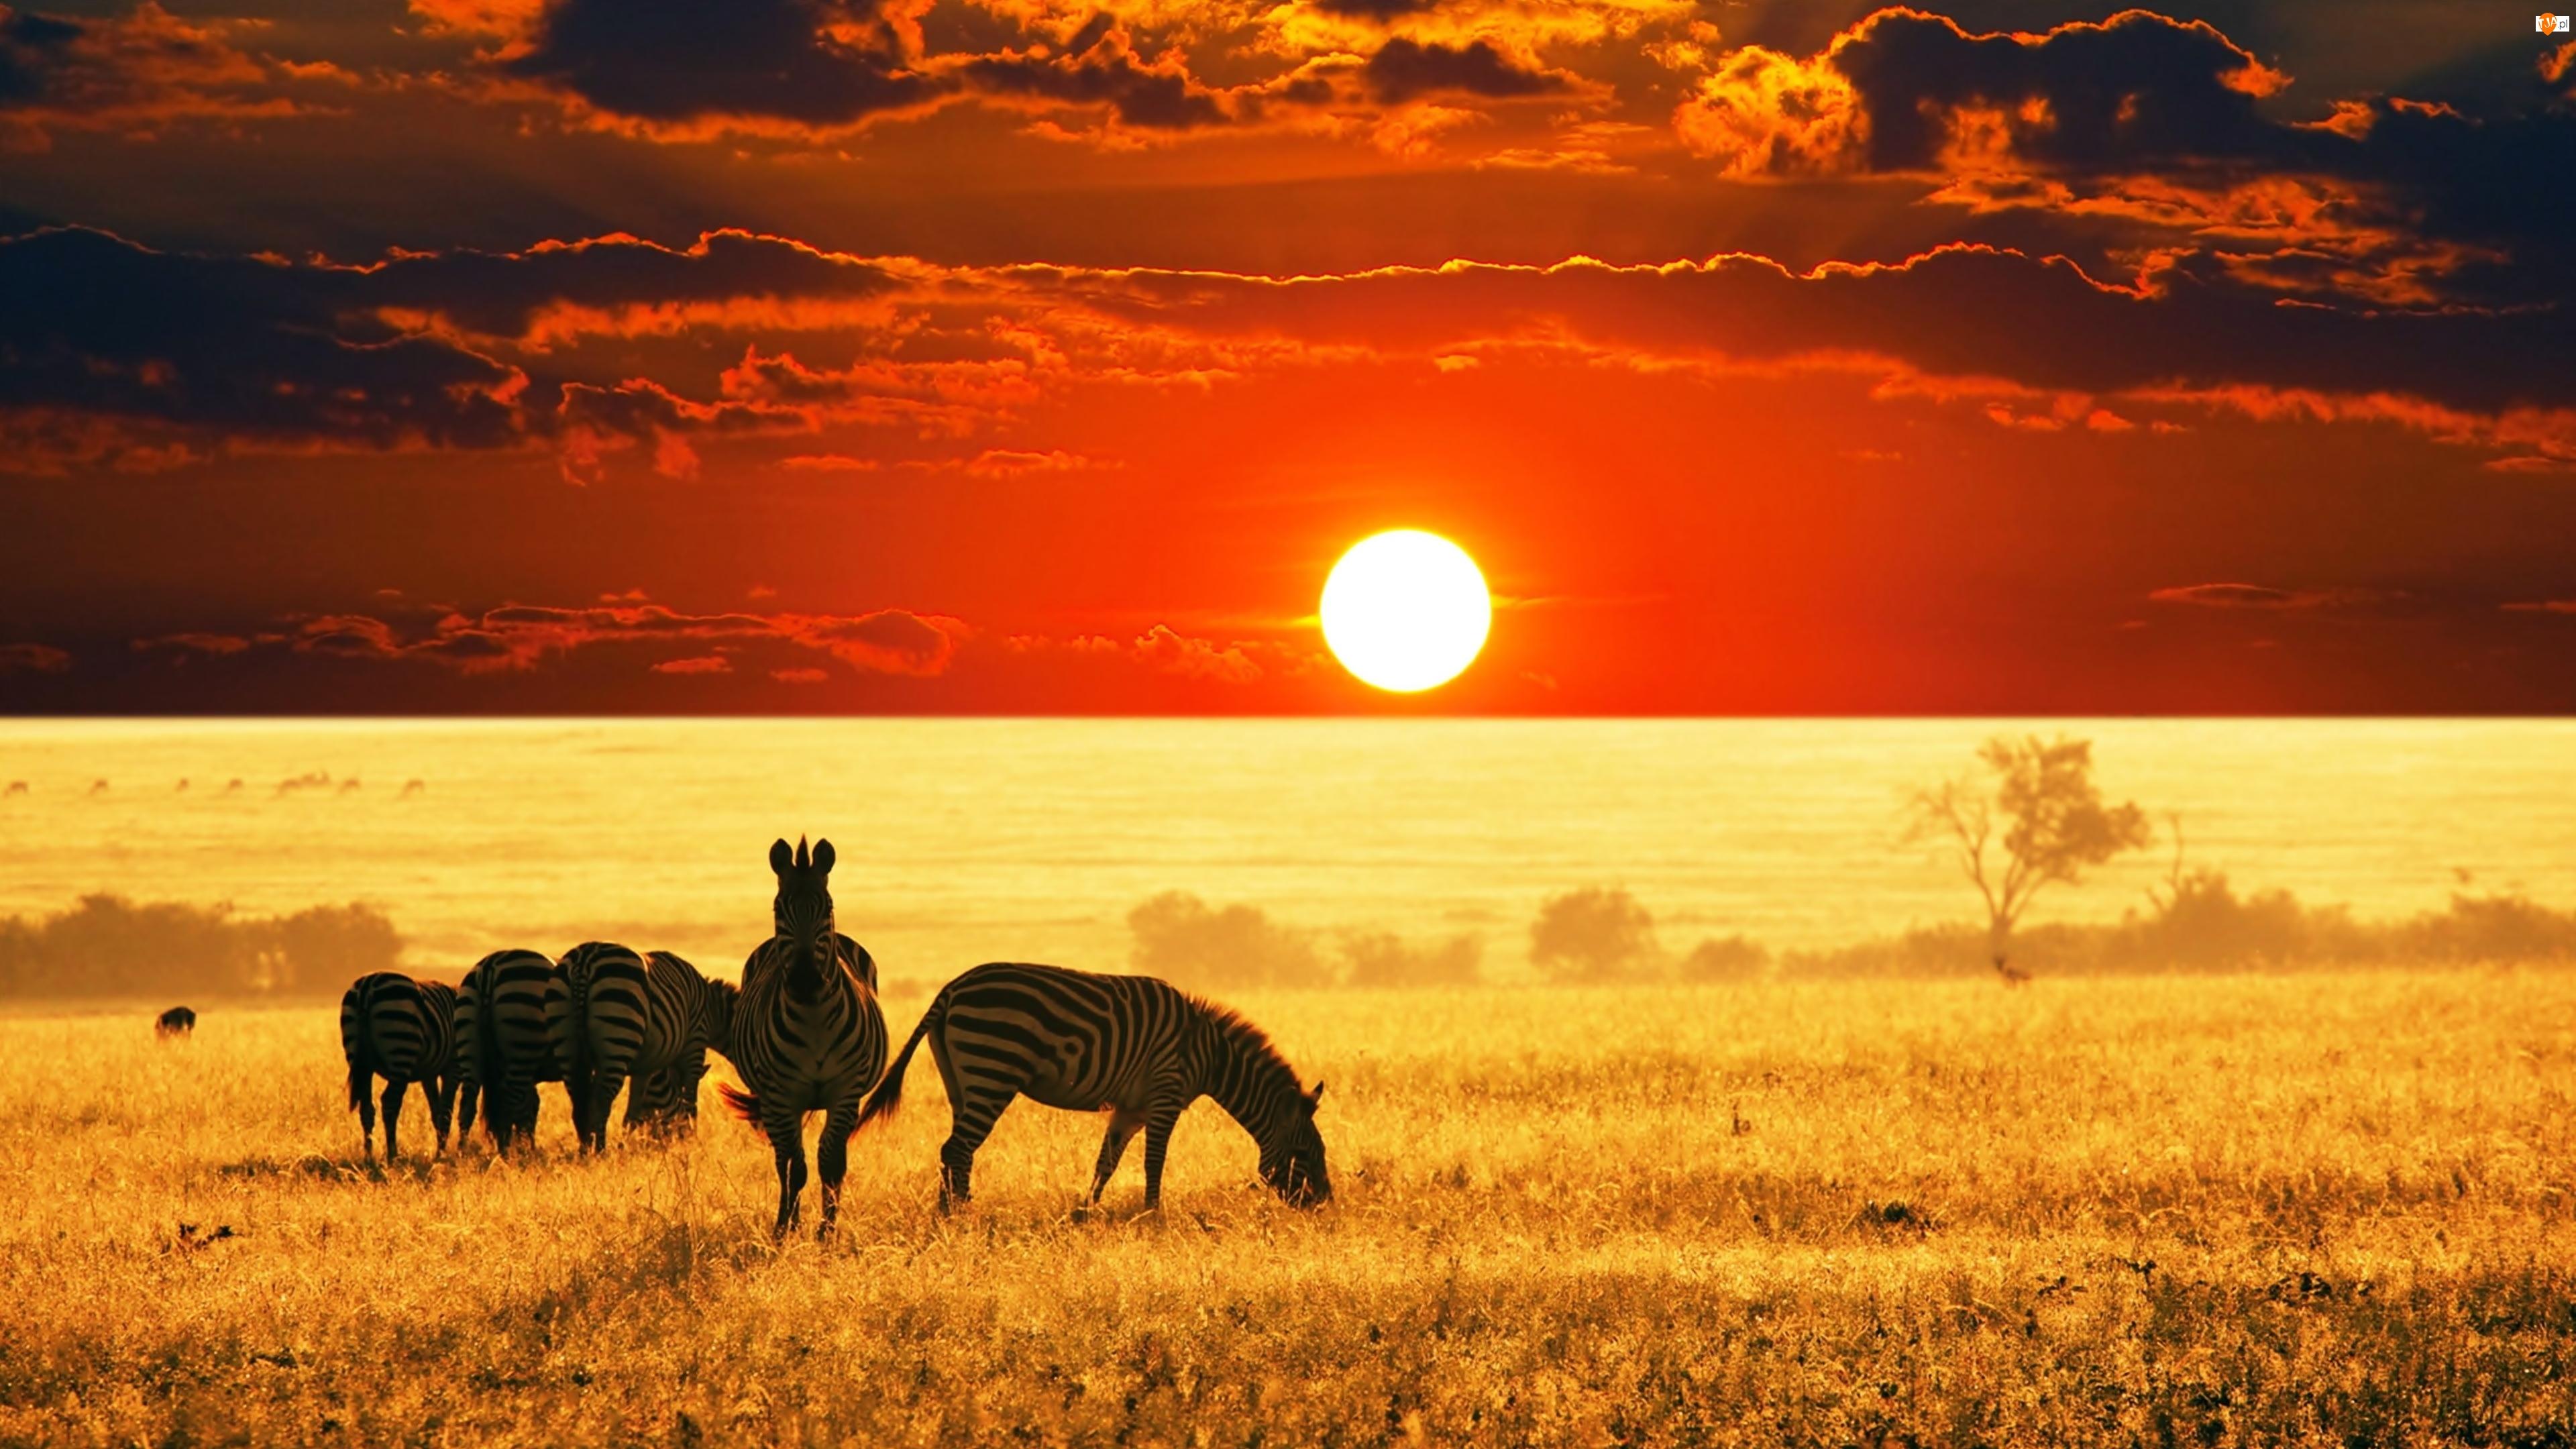 Zebry, Słońca, Sawanna, Zachód